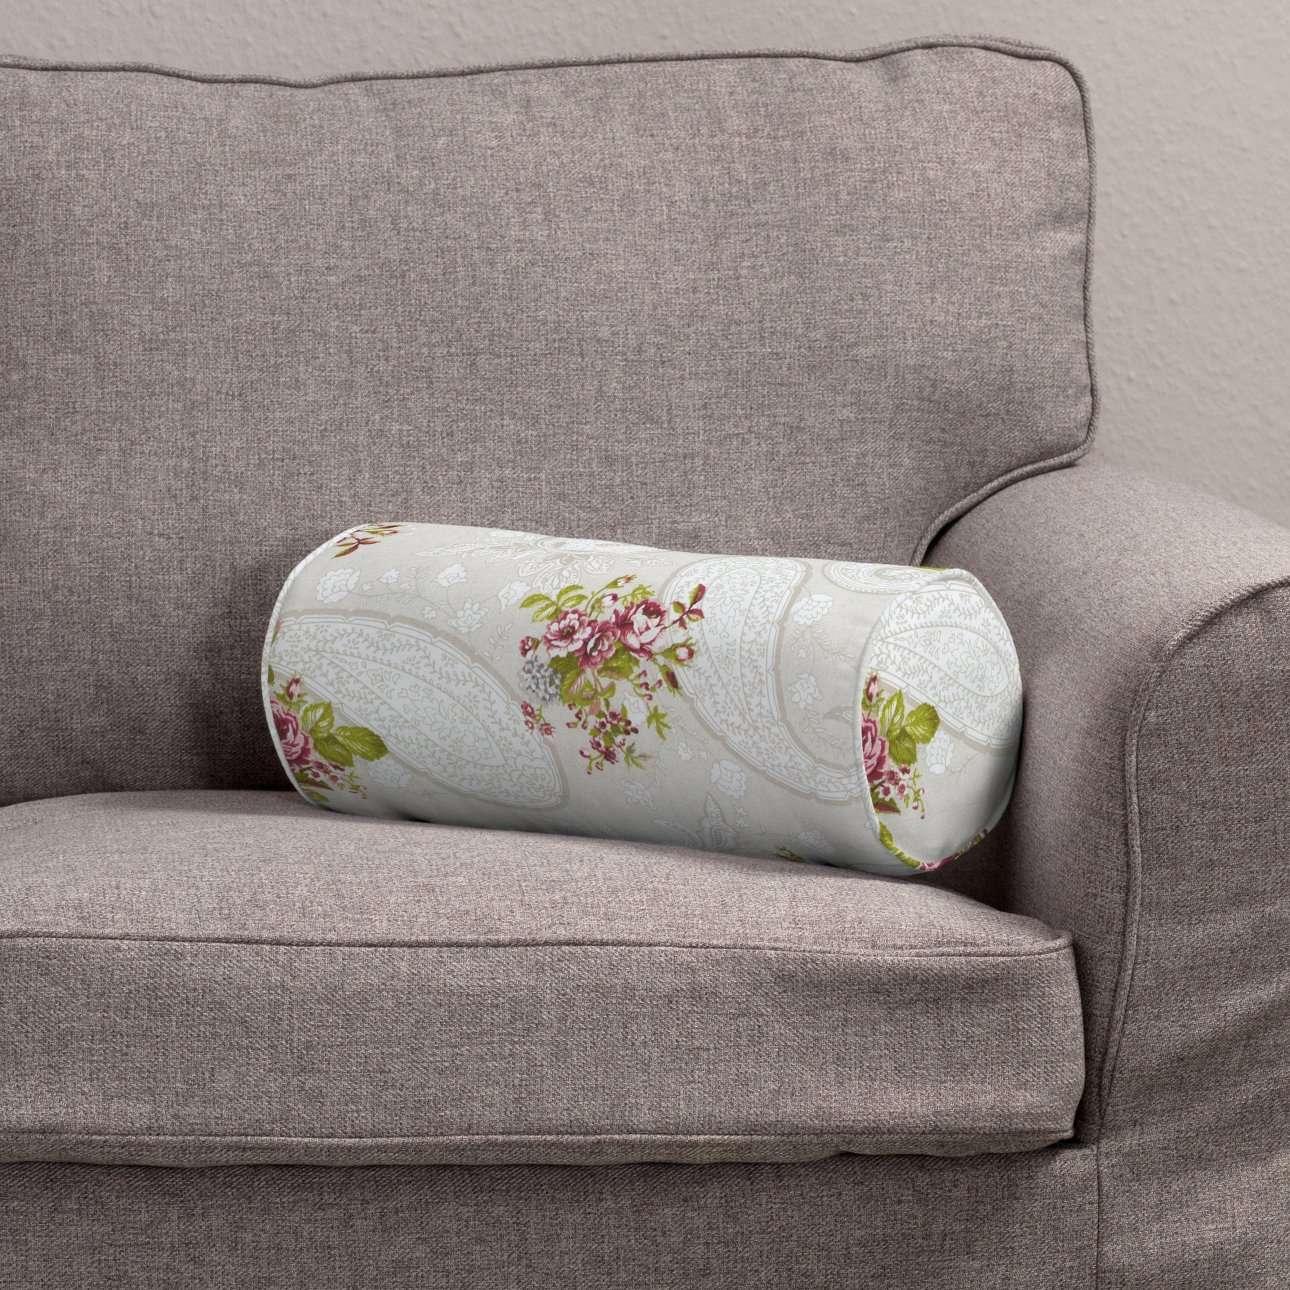 Ritinio formos  pagalvėlė Ø 16 x 40 cm (6 x 16 inch) kolekcijoje Flowers, audinys: 311-15